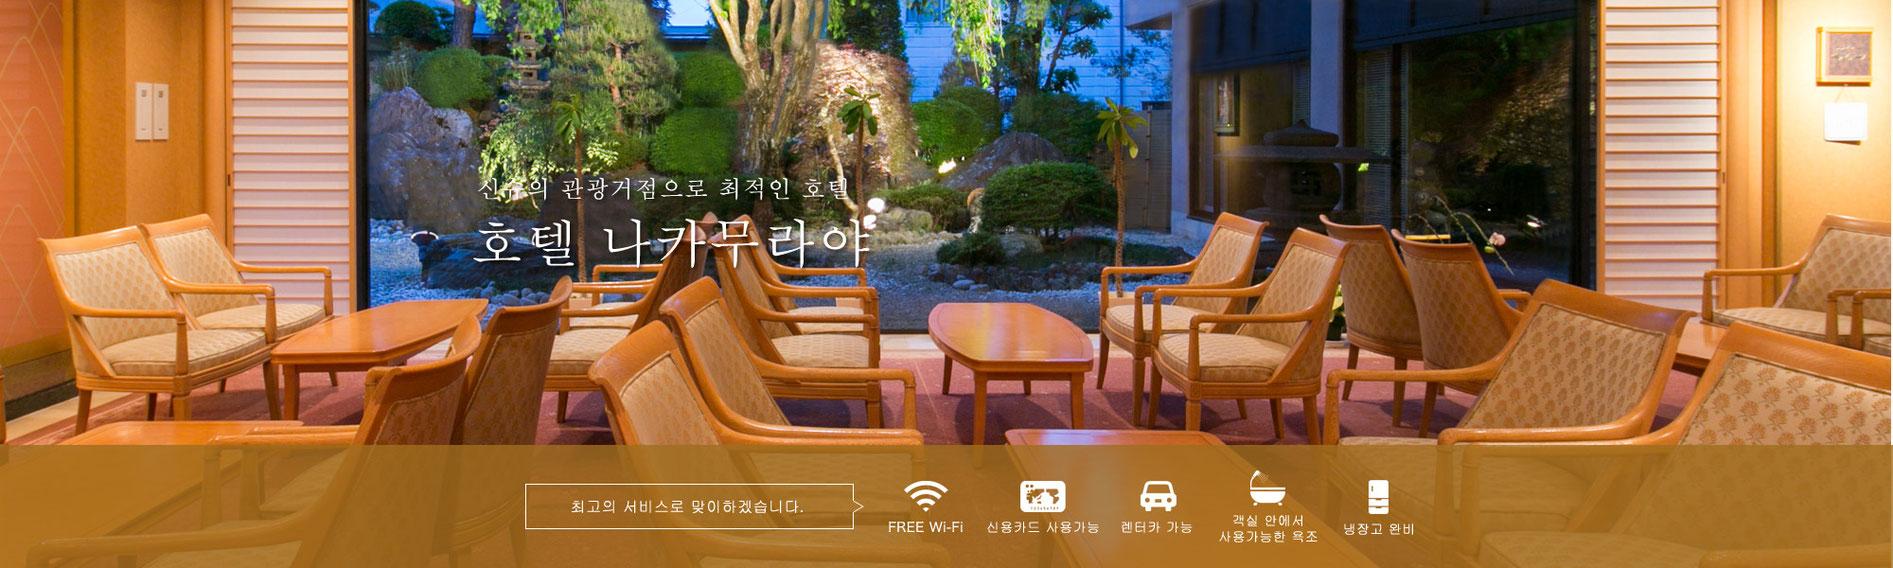 신슈의 관광거점으로 최적인 호텔 호텔 나카무라야 최고의 서비스로 맞이하겠습니다.